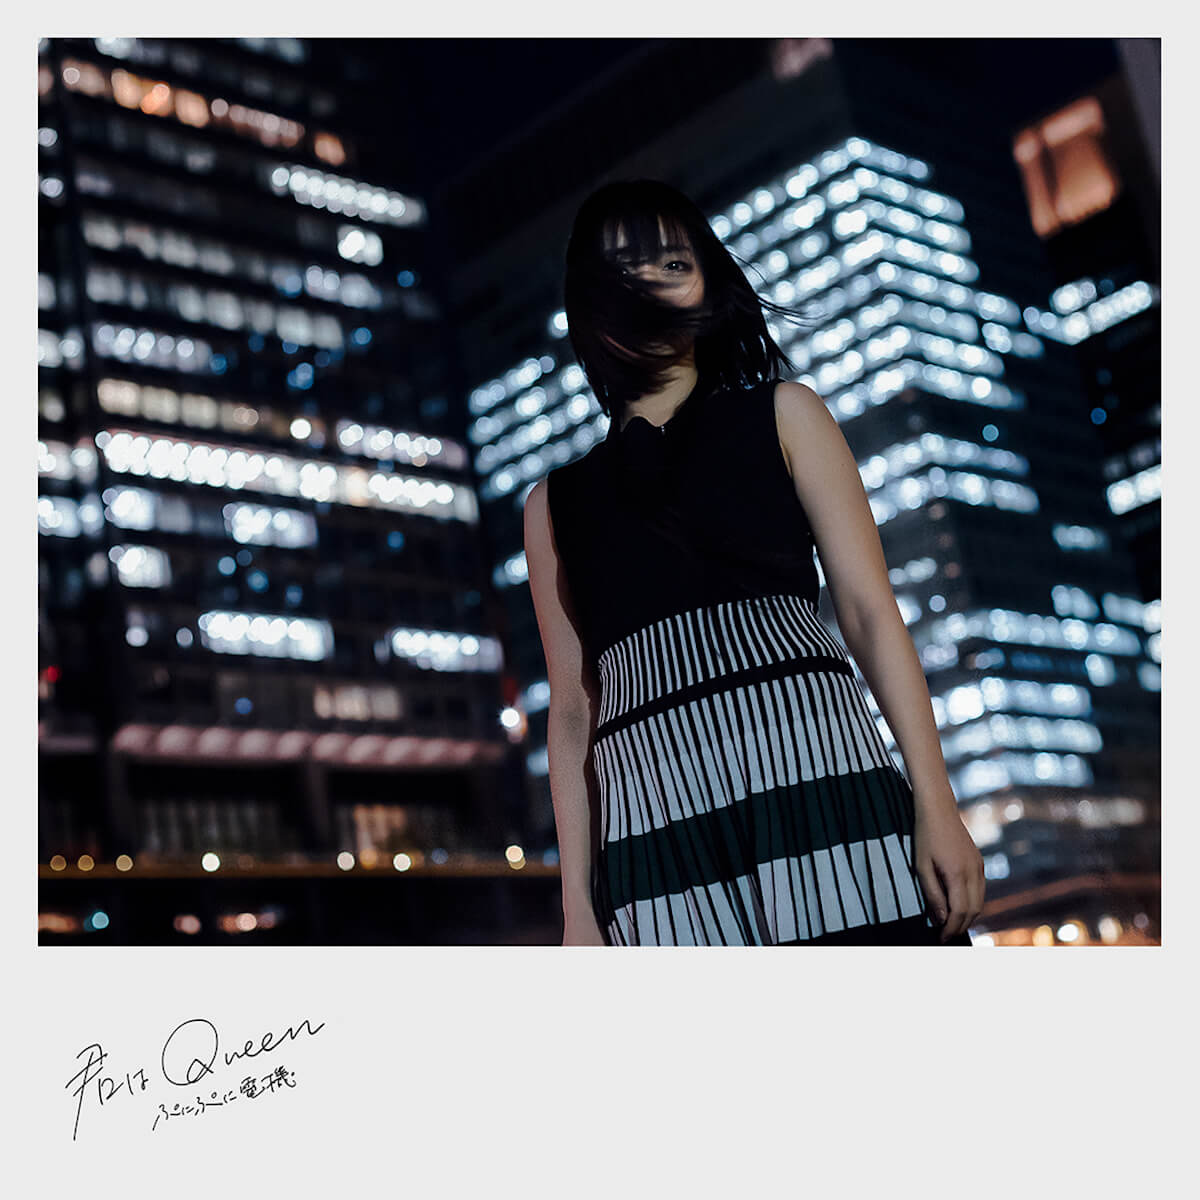 ぷにぷに電機、新曲「君はQueen」本日リリース|プロデューサーにMikeneko Homeless、ギターアレンジにShin Sakiura参加 music190605punipunidenki_main